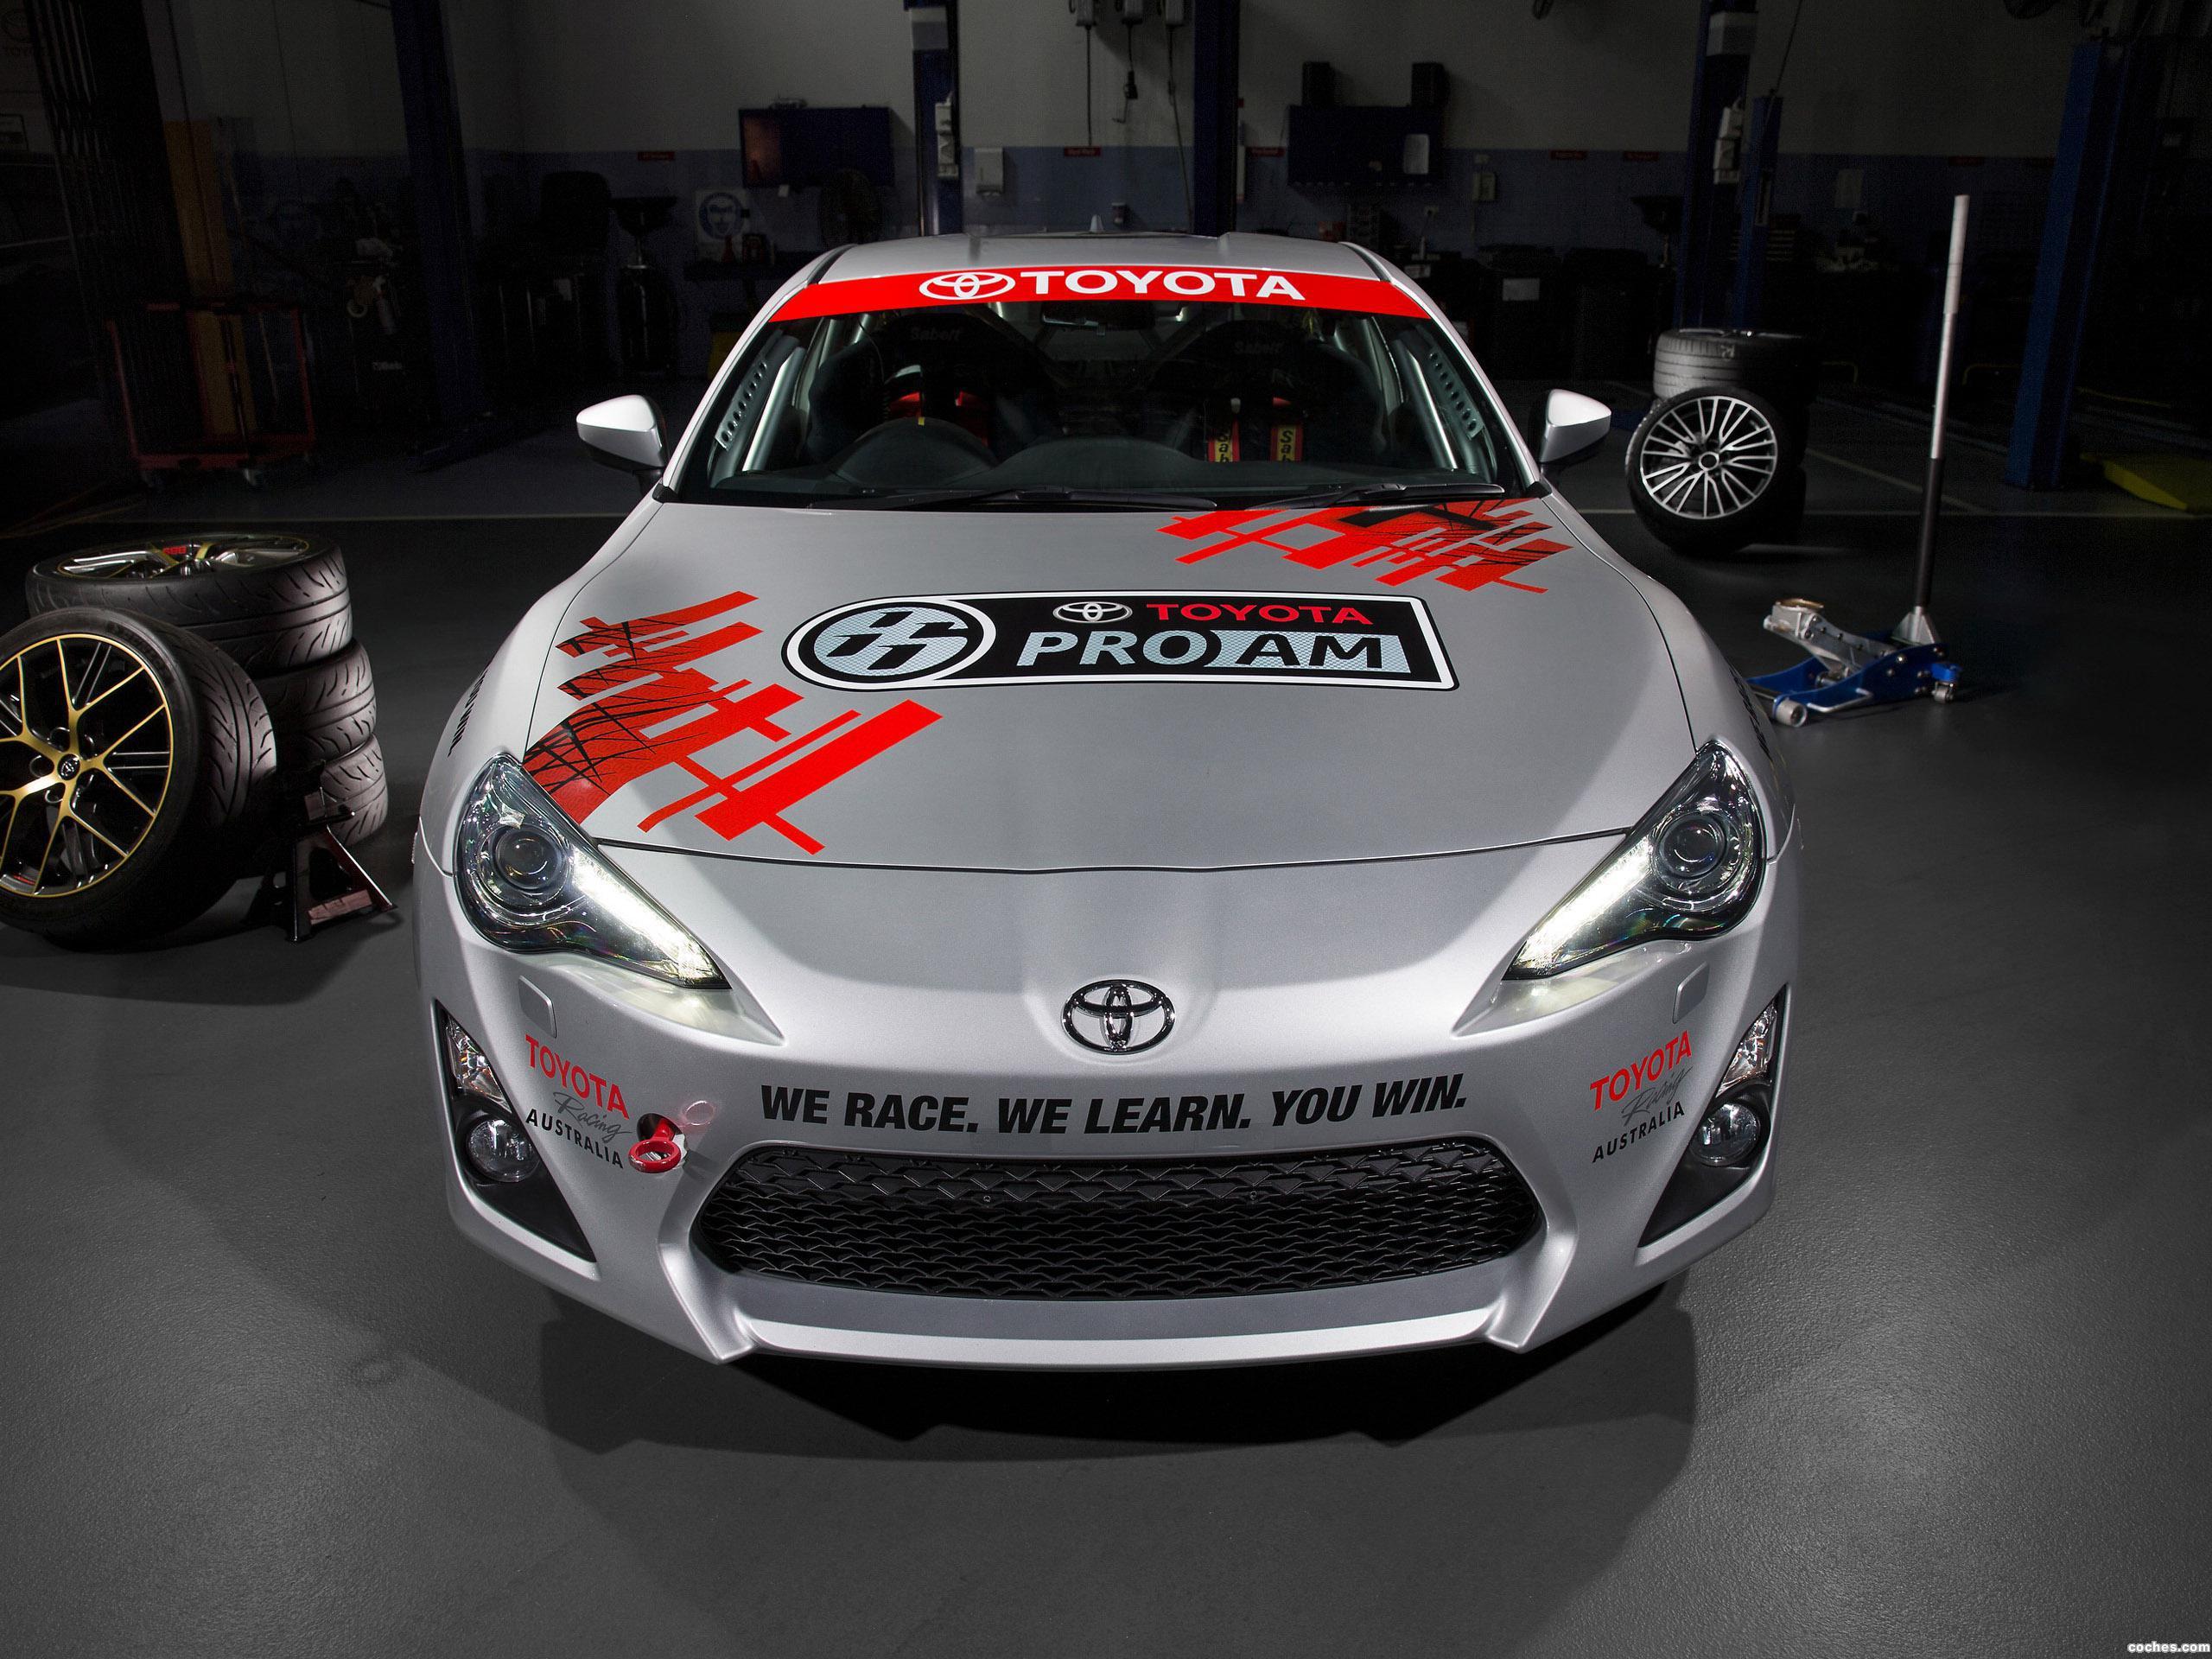 Foto 0 de Toyota 86 Pro Am 2015